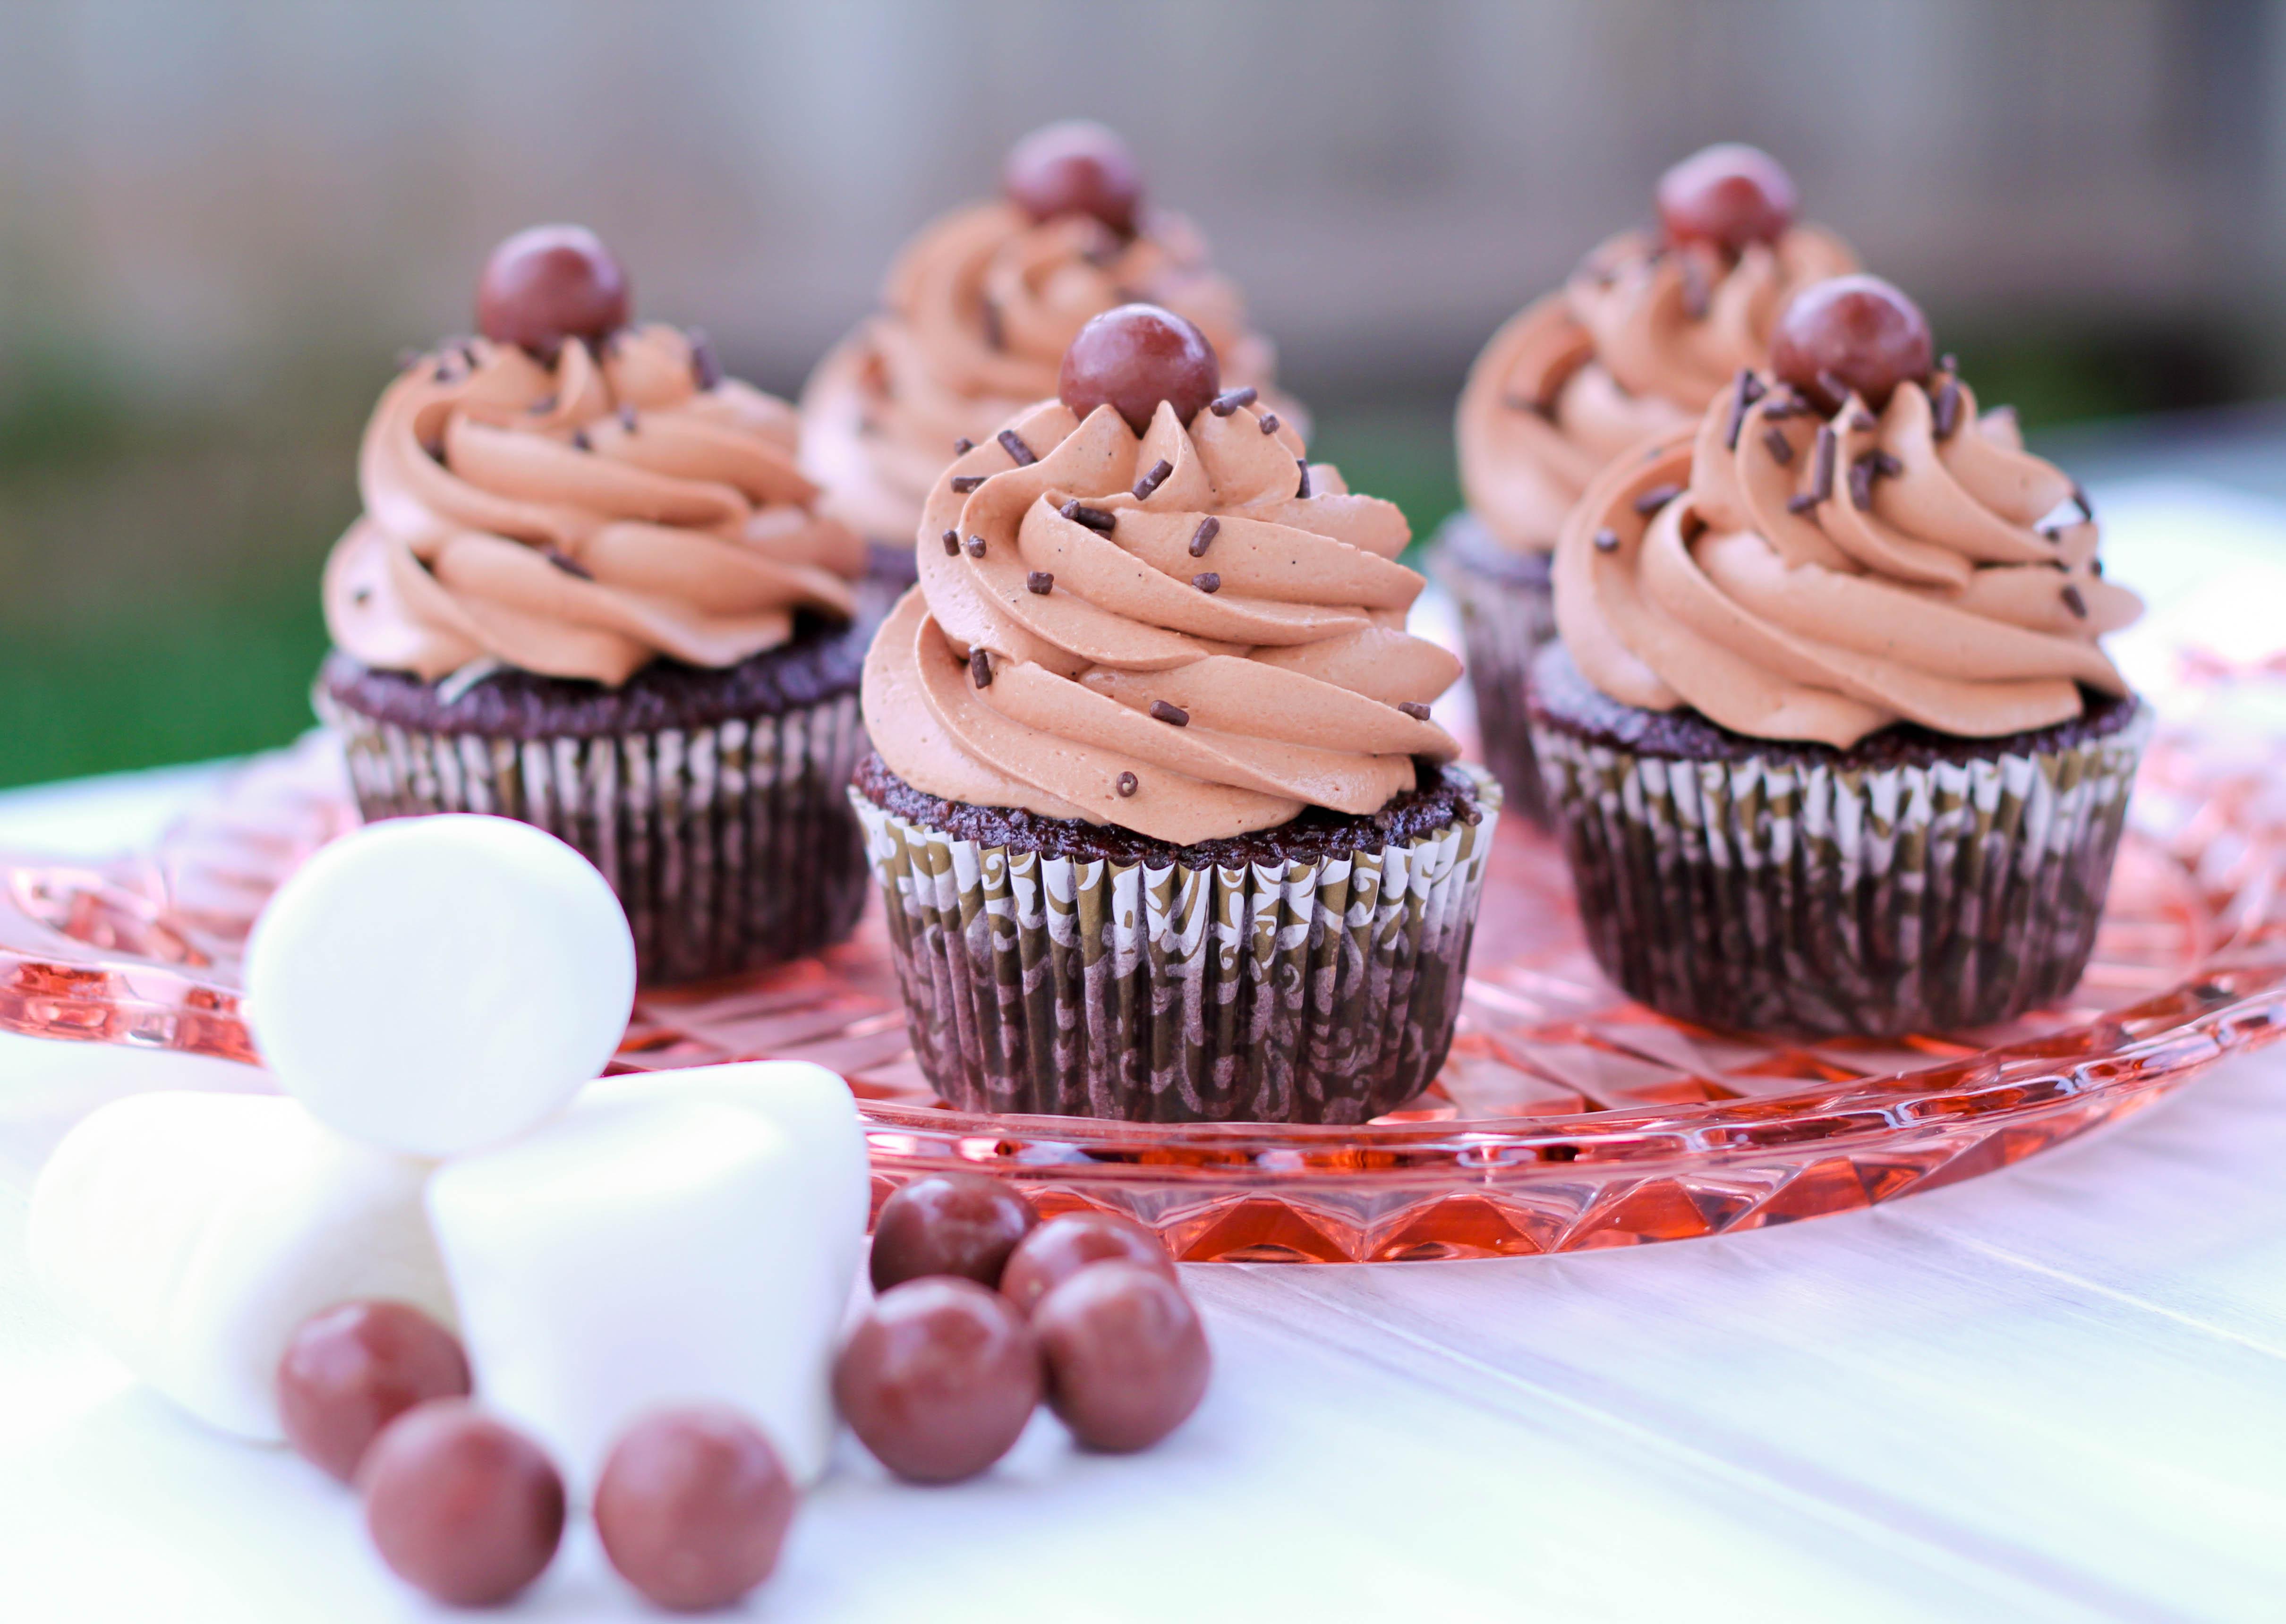 Chocolate Cupcakes: